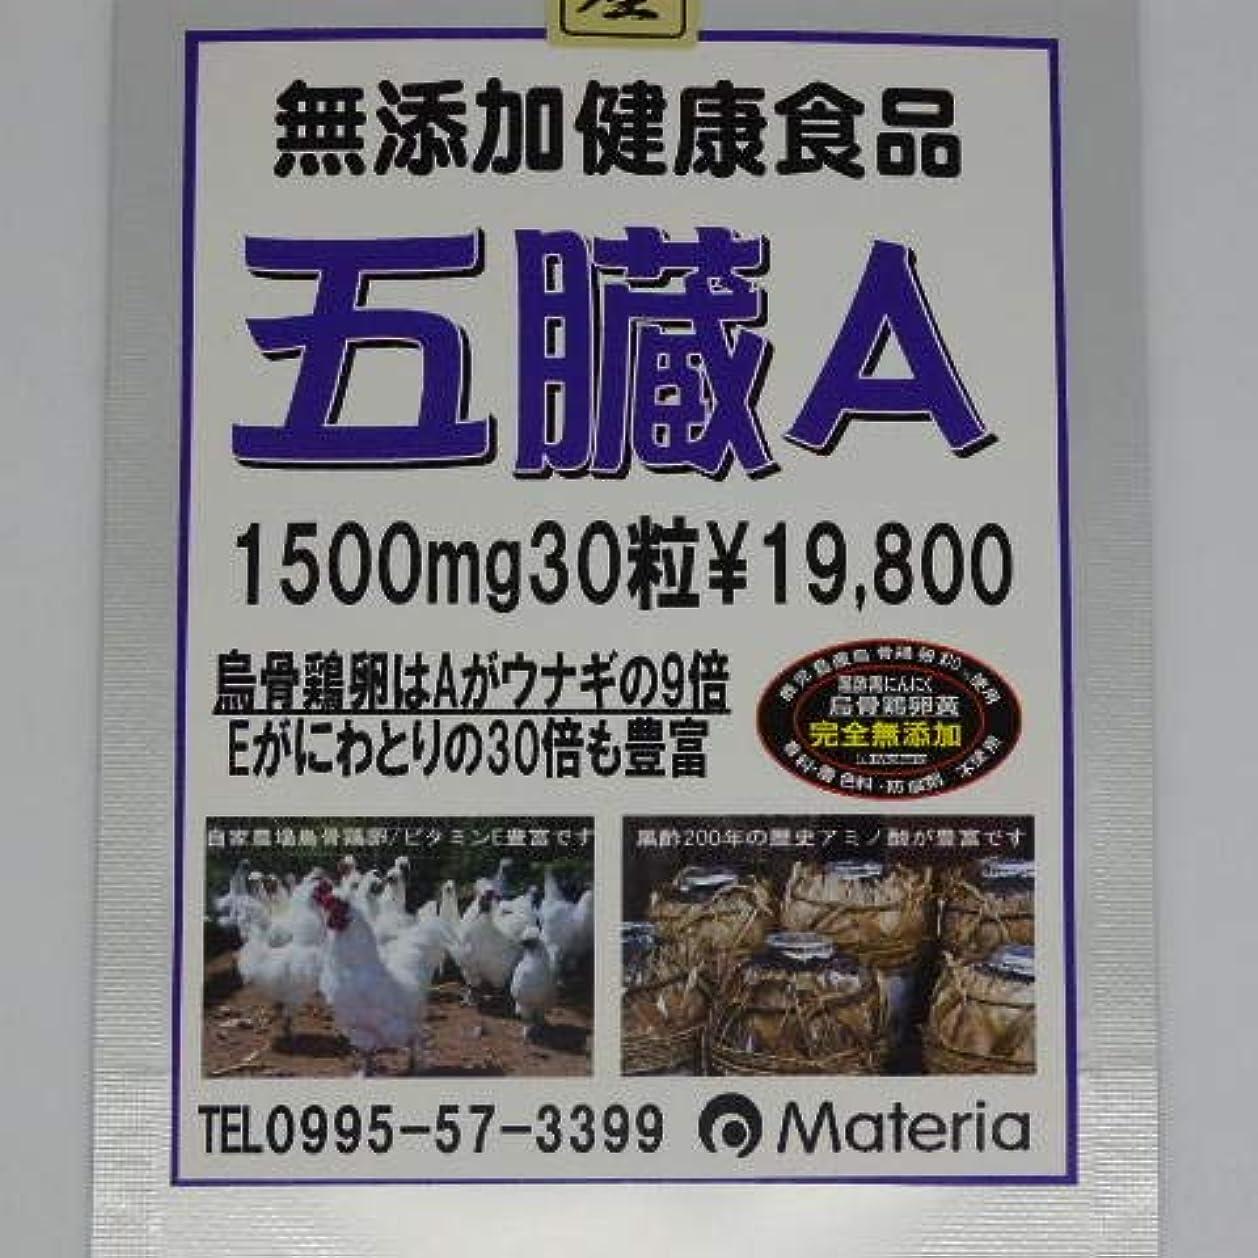 二次教育学マイクロプロセッサ無添加健康食品/黒酢黒にんにく烏骨鶏卵黄五臓六腑A大玉(1500mg×30粒)30日¥19,800